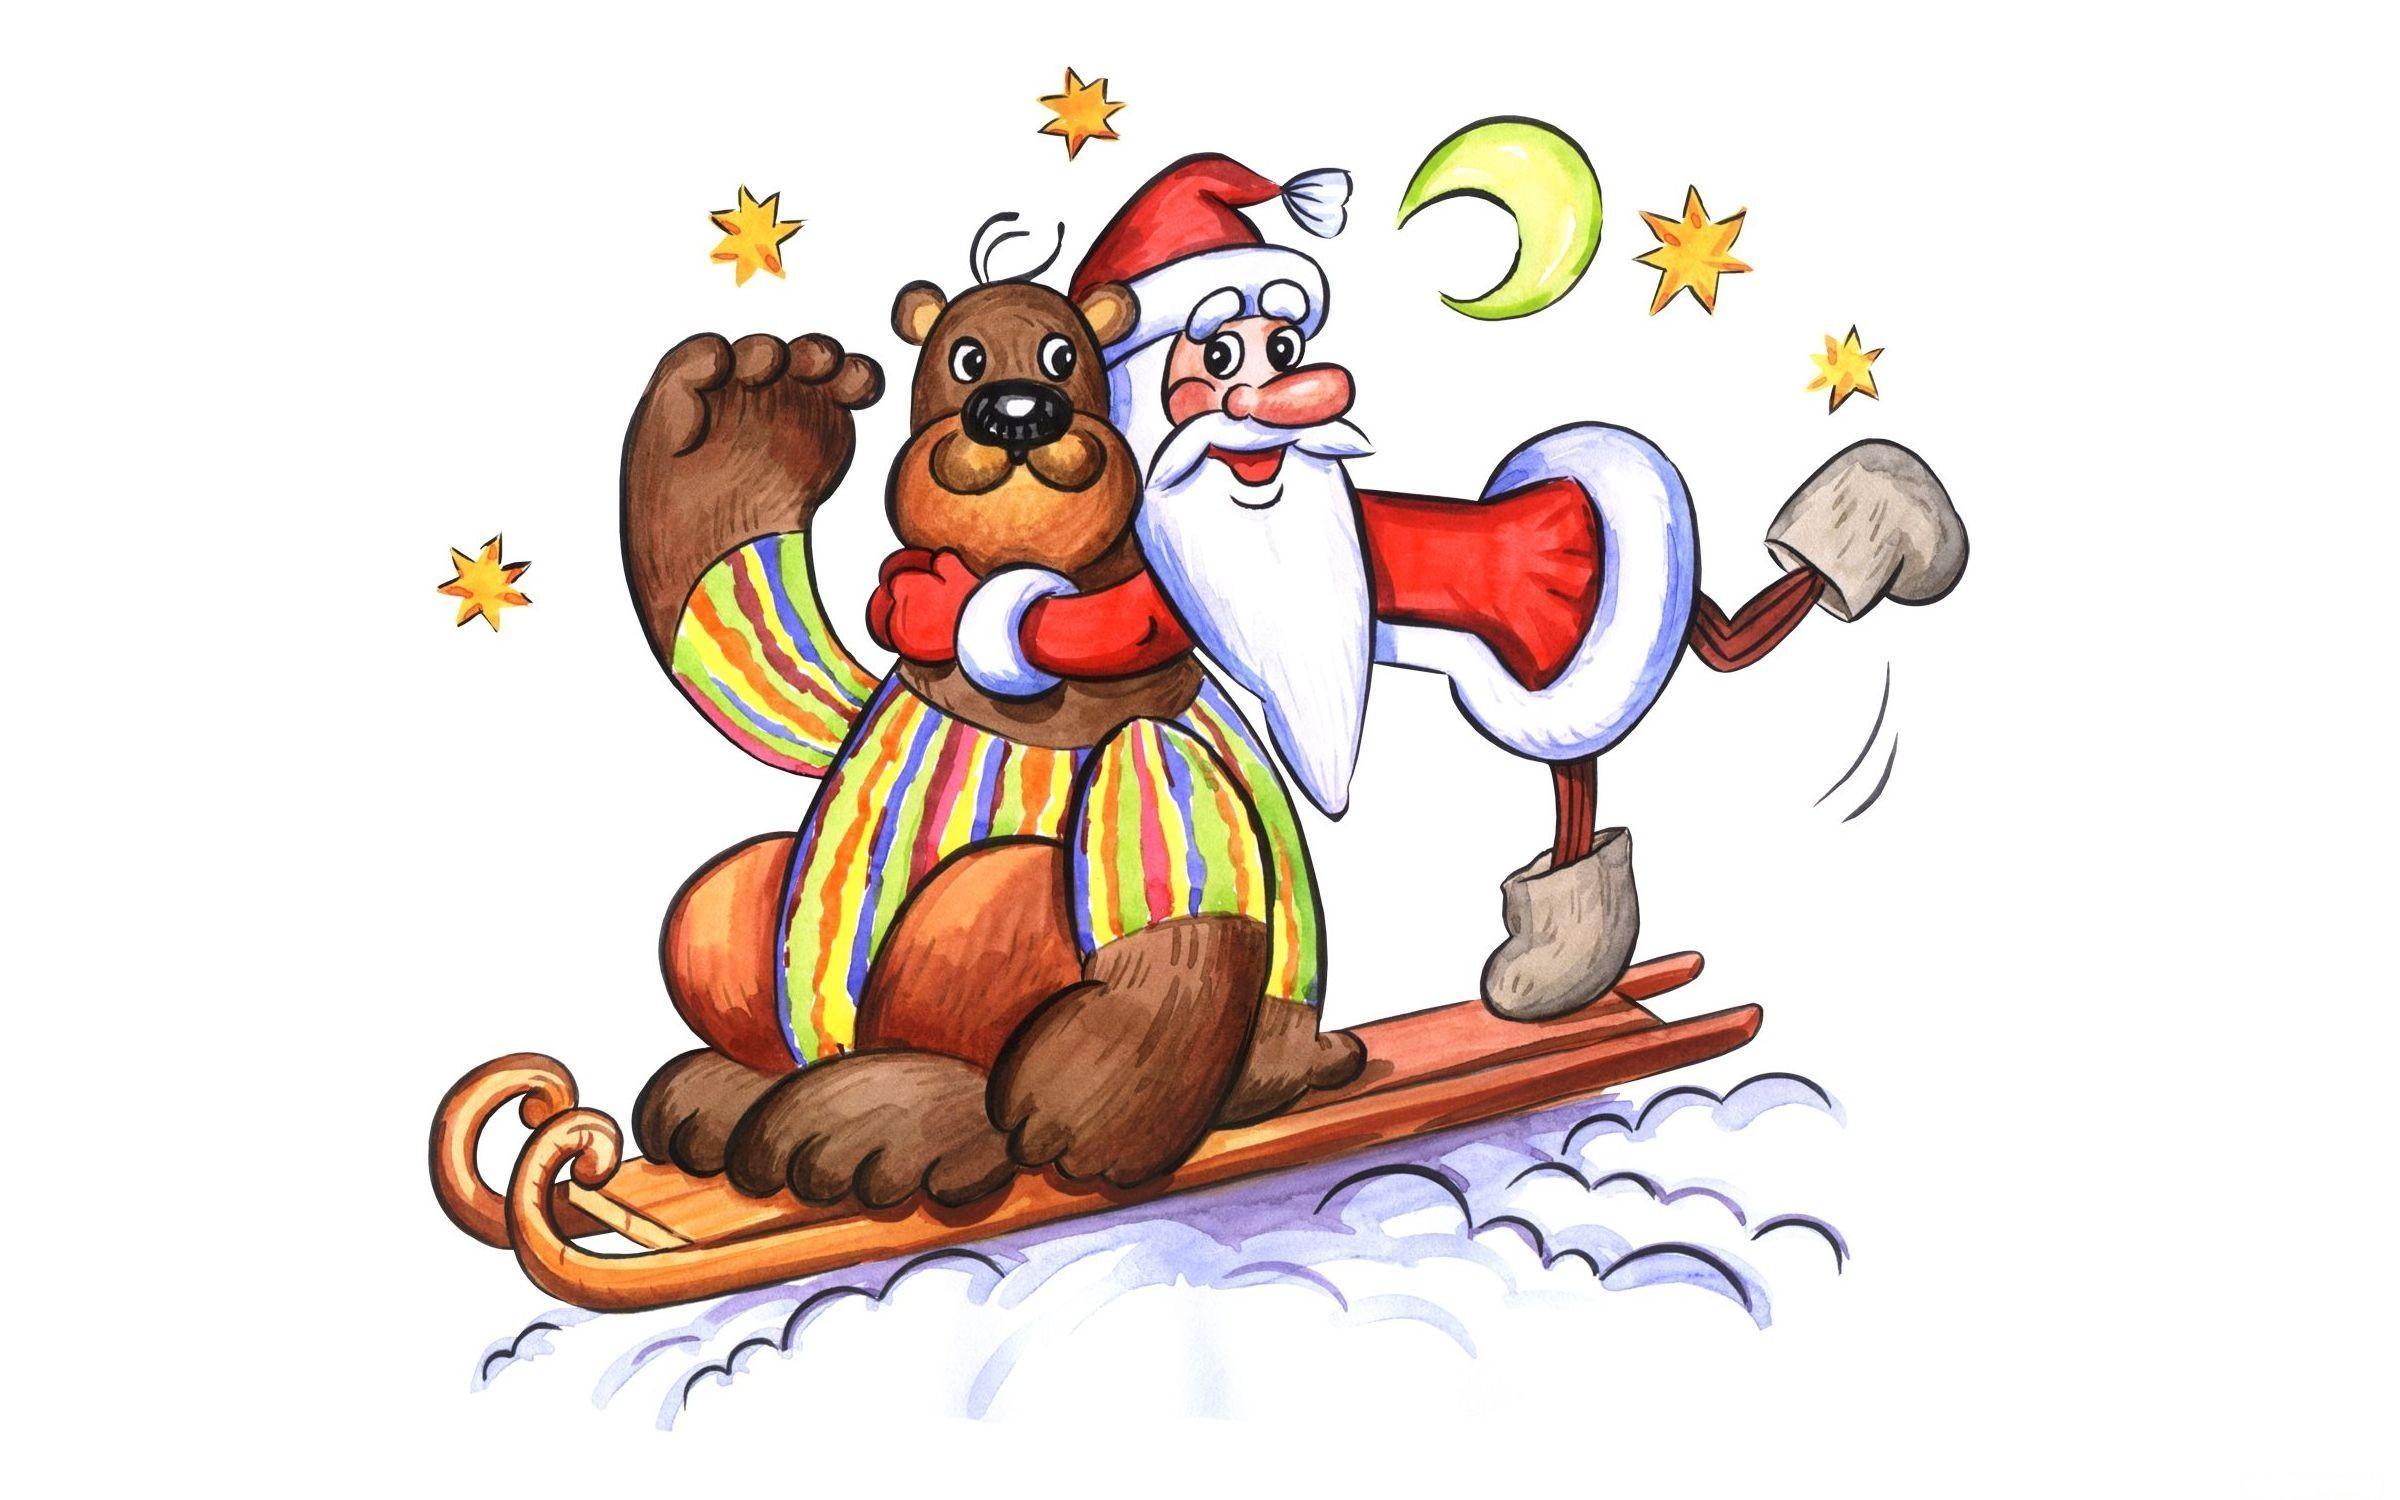 Fond D écran Vacances De Noël: Fond D'écran : Illustration, étoiles, Lune, Dessin Animé